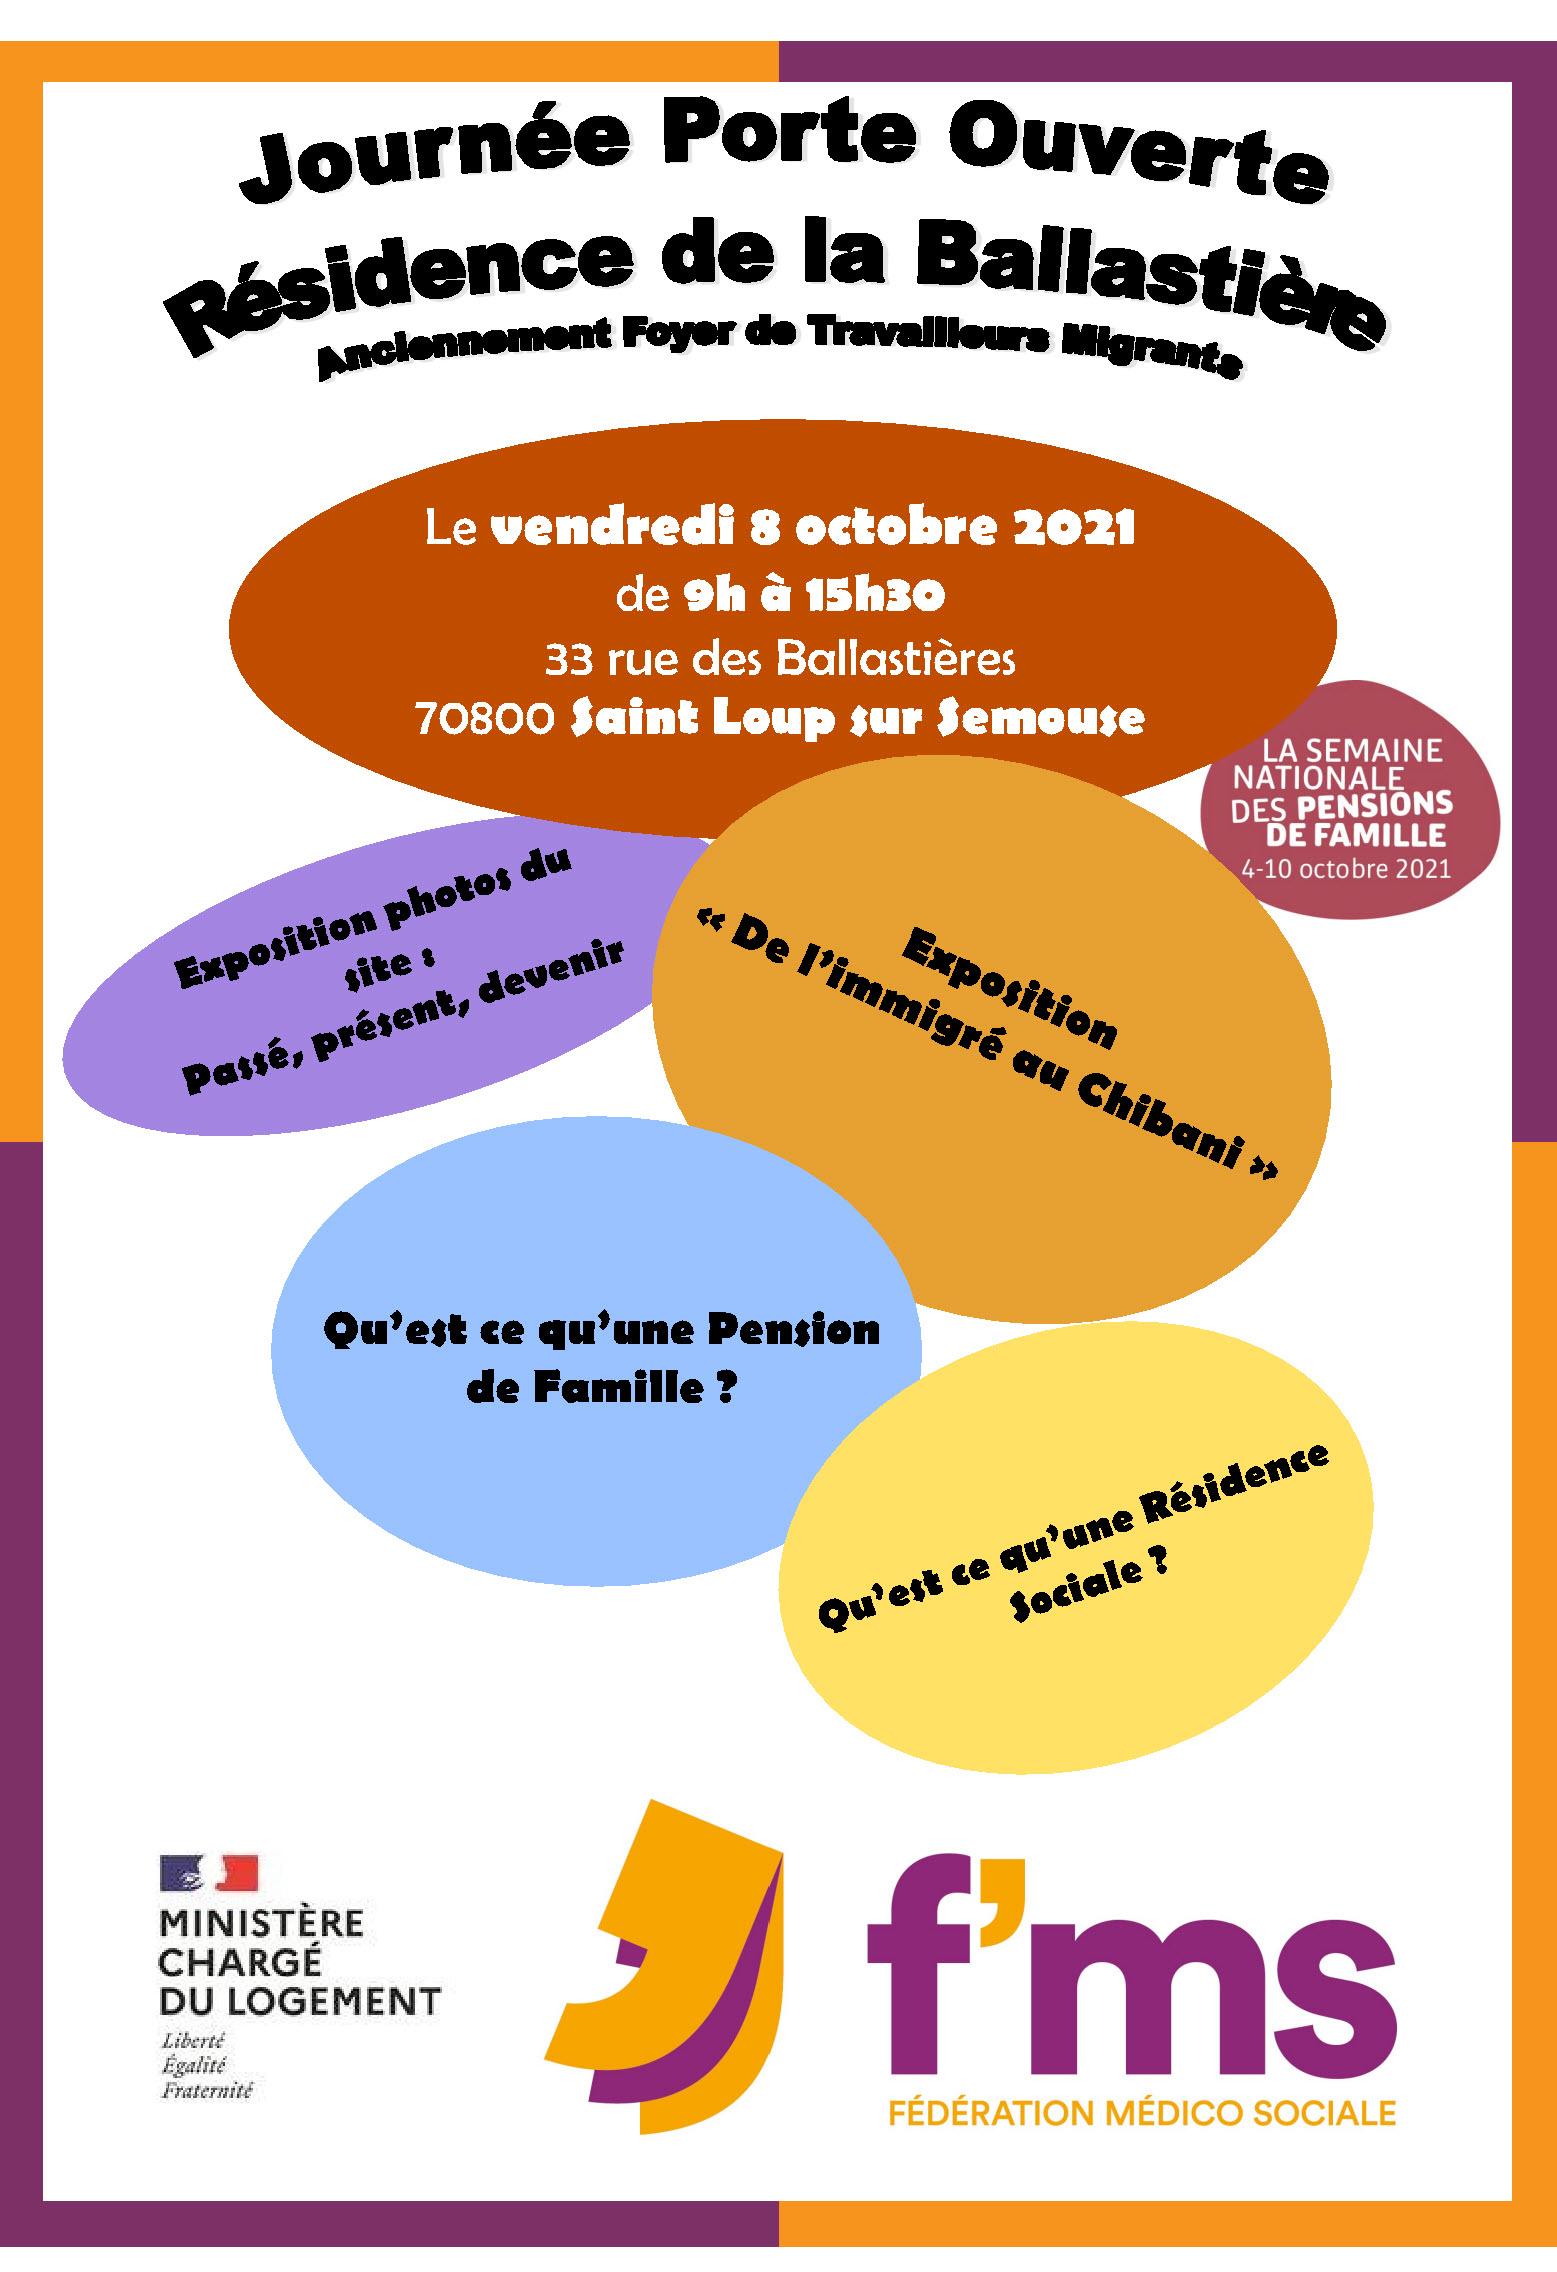 Journee portes ouvertes 8 octobre Saint Loup sur Semouse